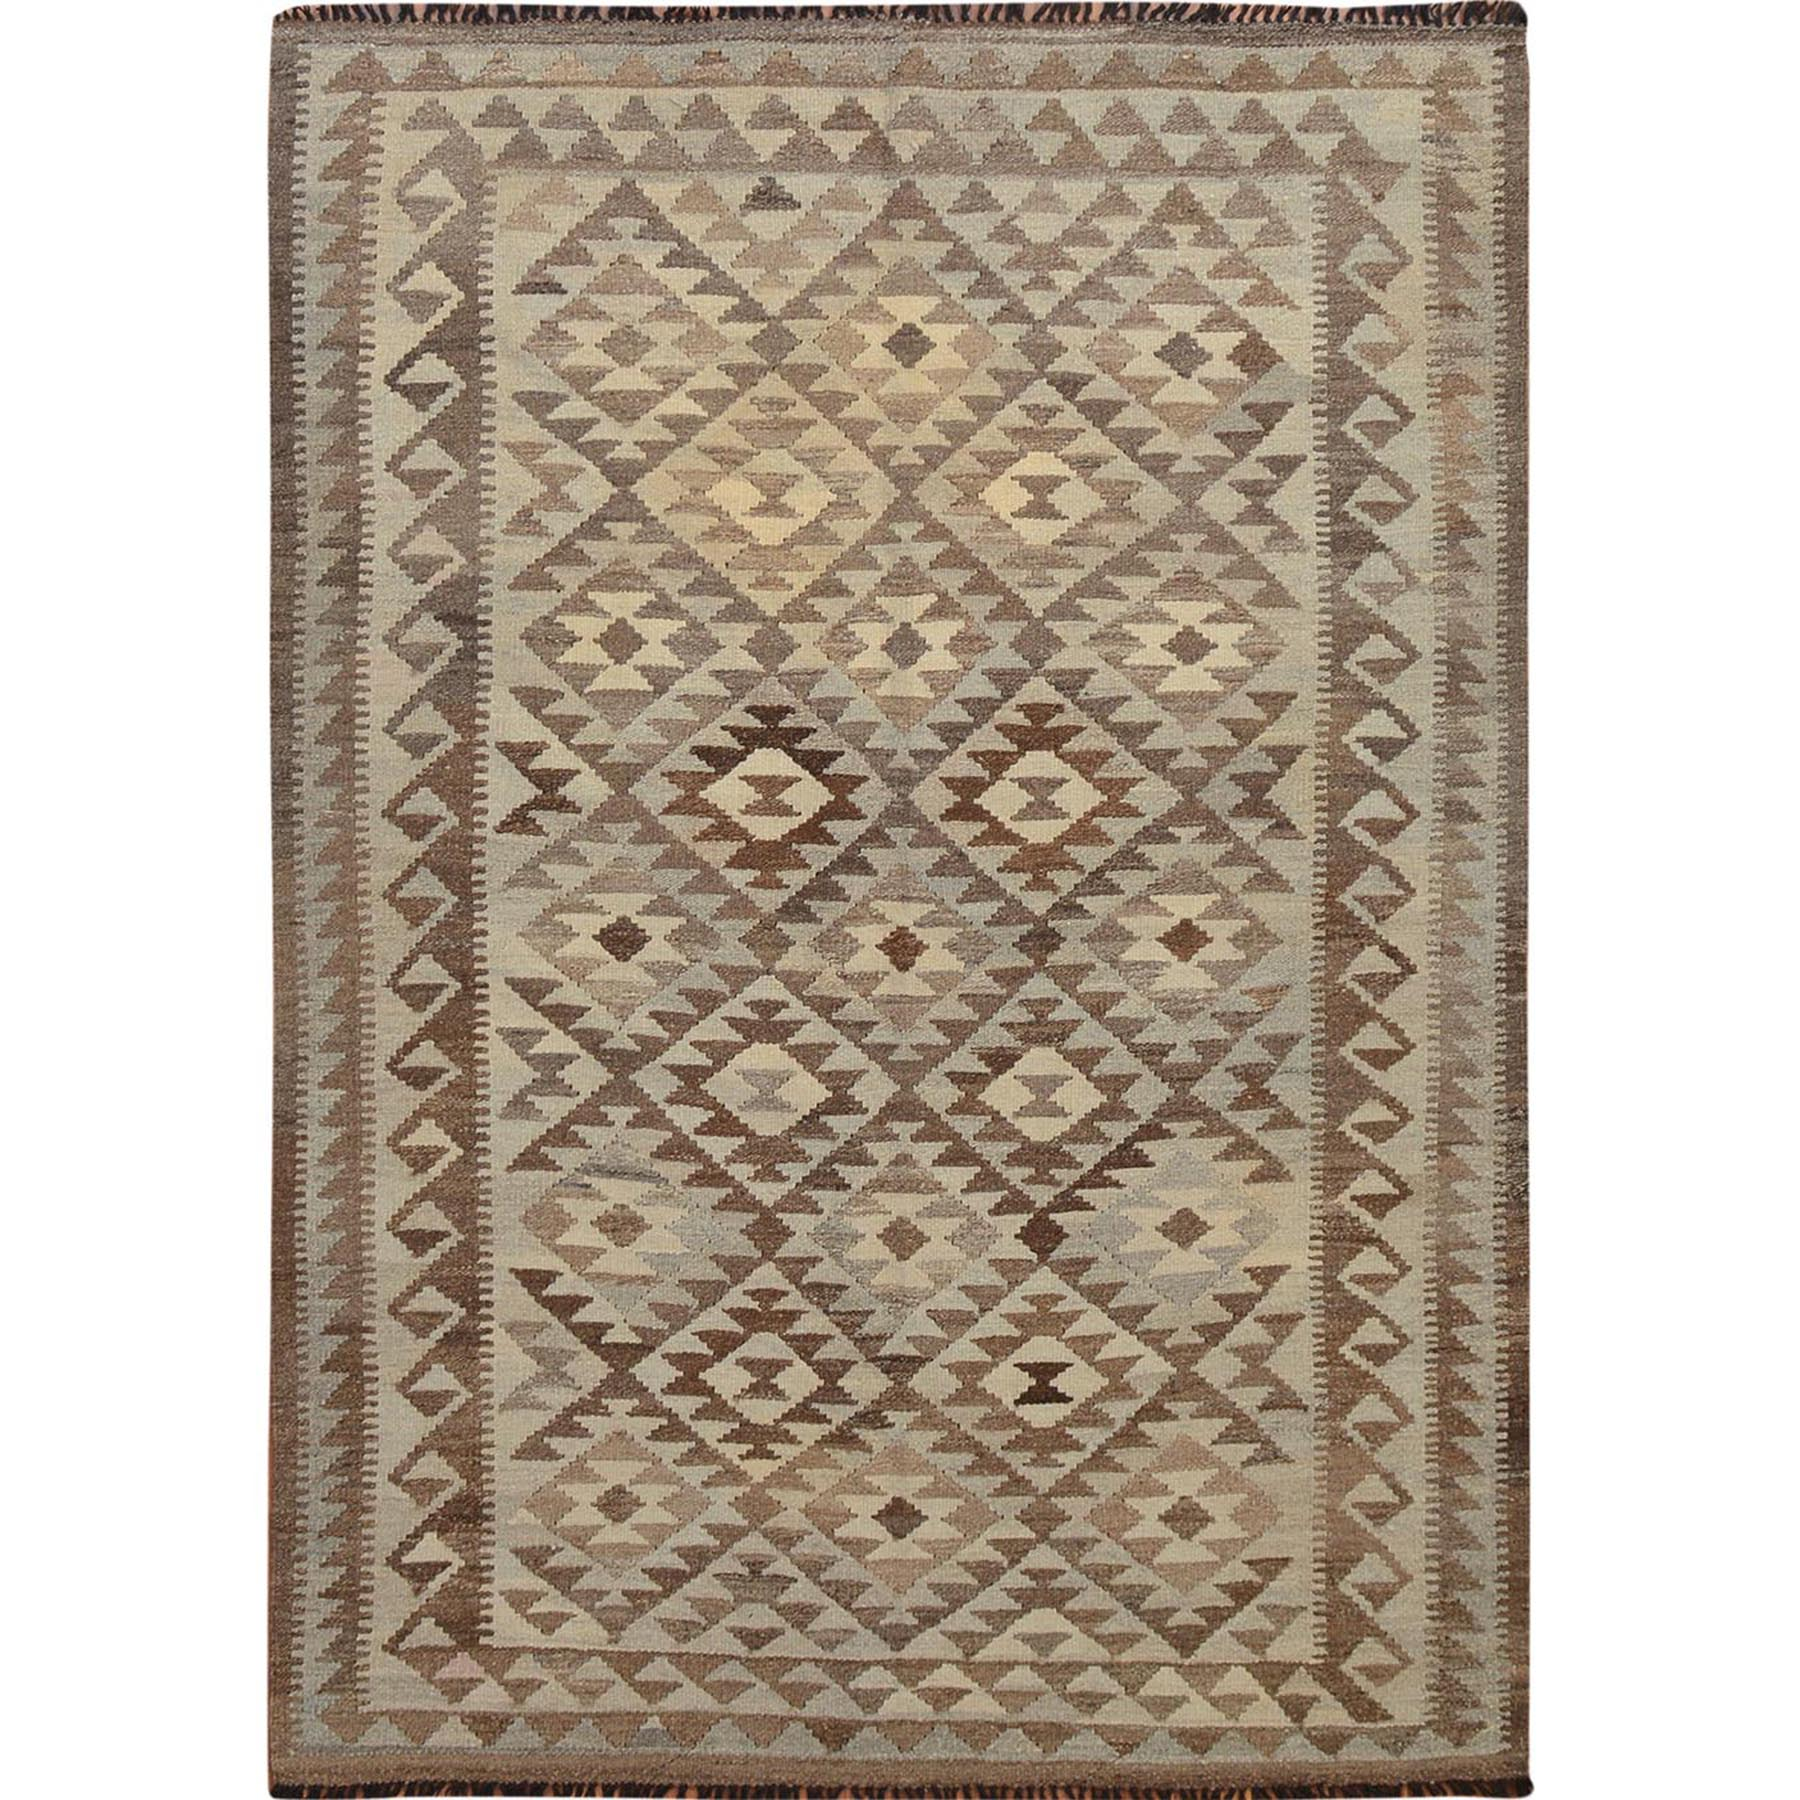 """4'9""""x6'7"""" Afghan Reversible Kilim Vegetable Dyes Pure Wool Hand Woven Oriental Rug"""